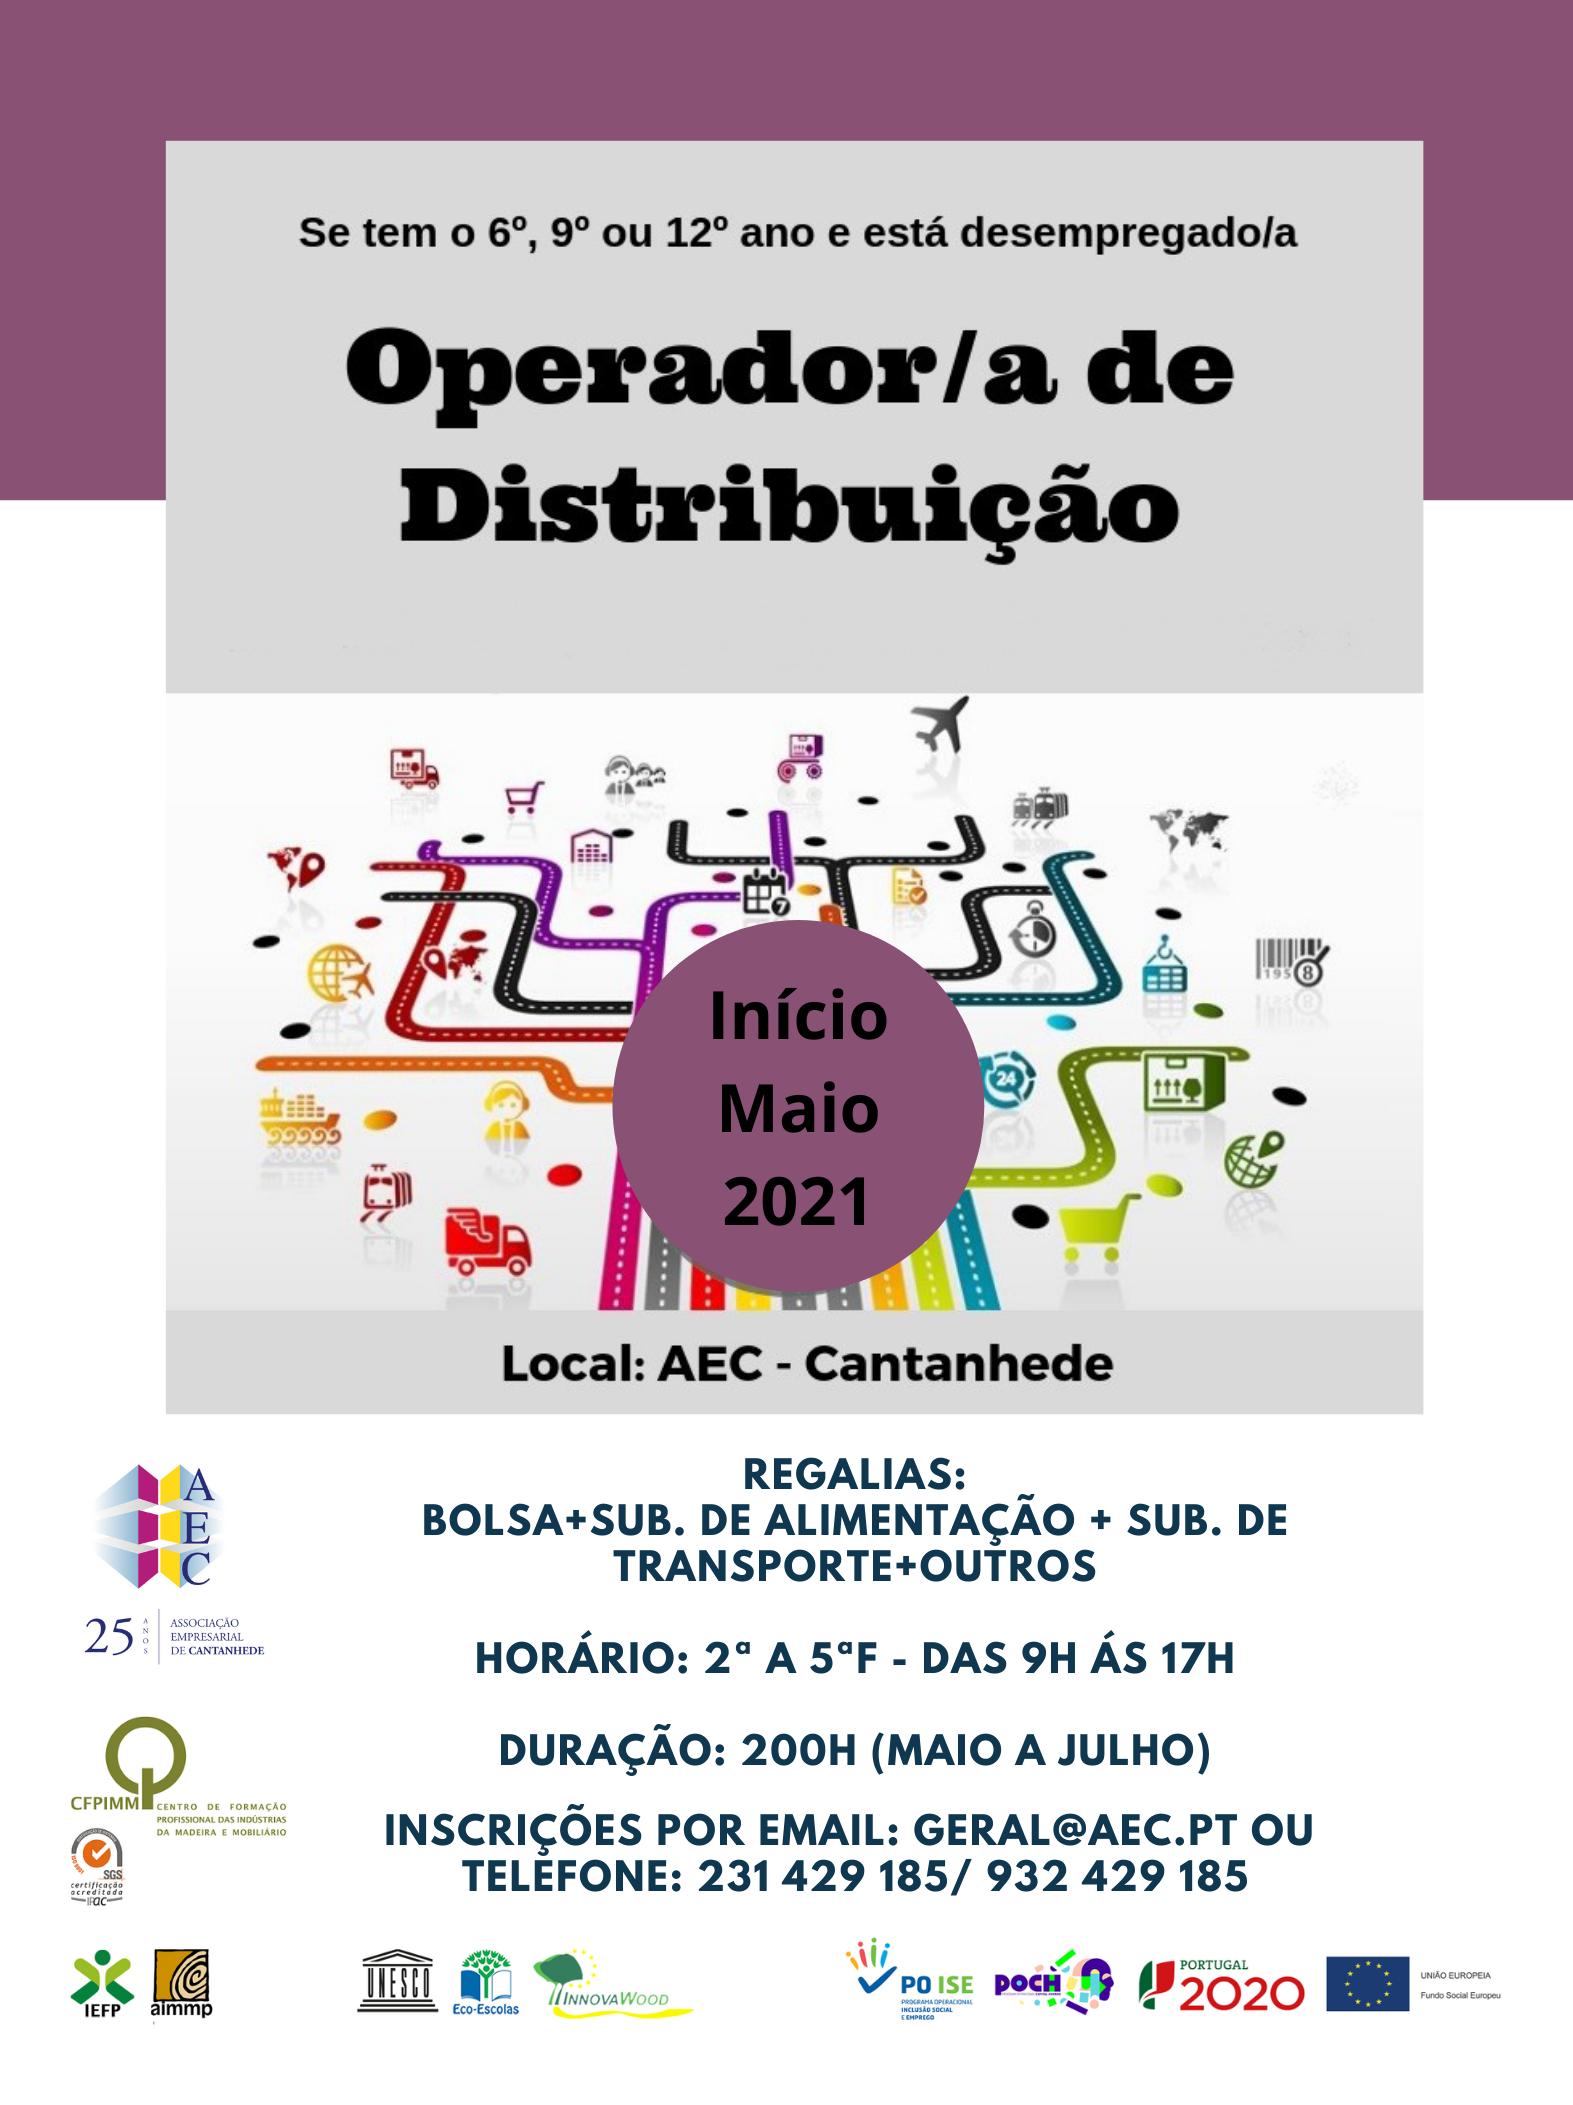 Operador/a de Distribuição